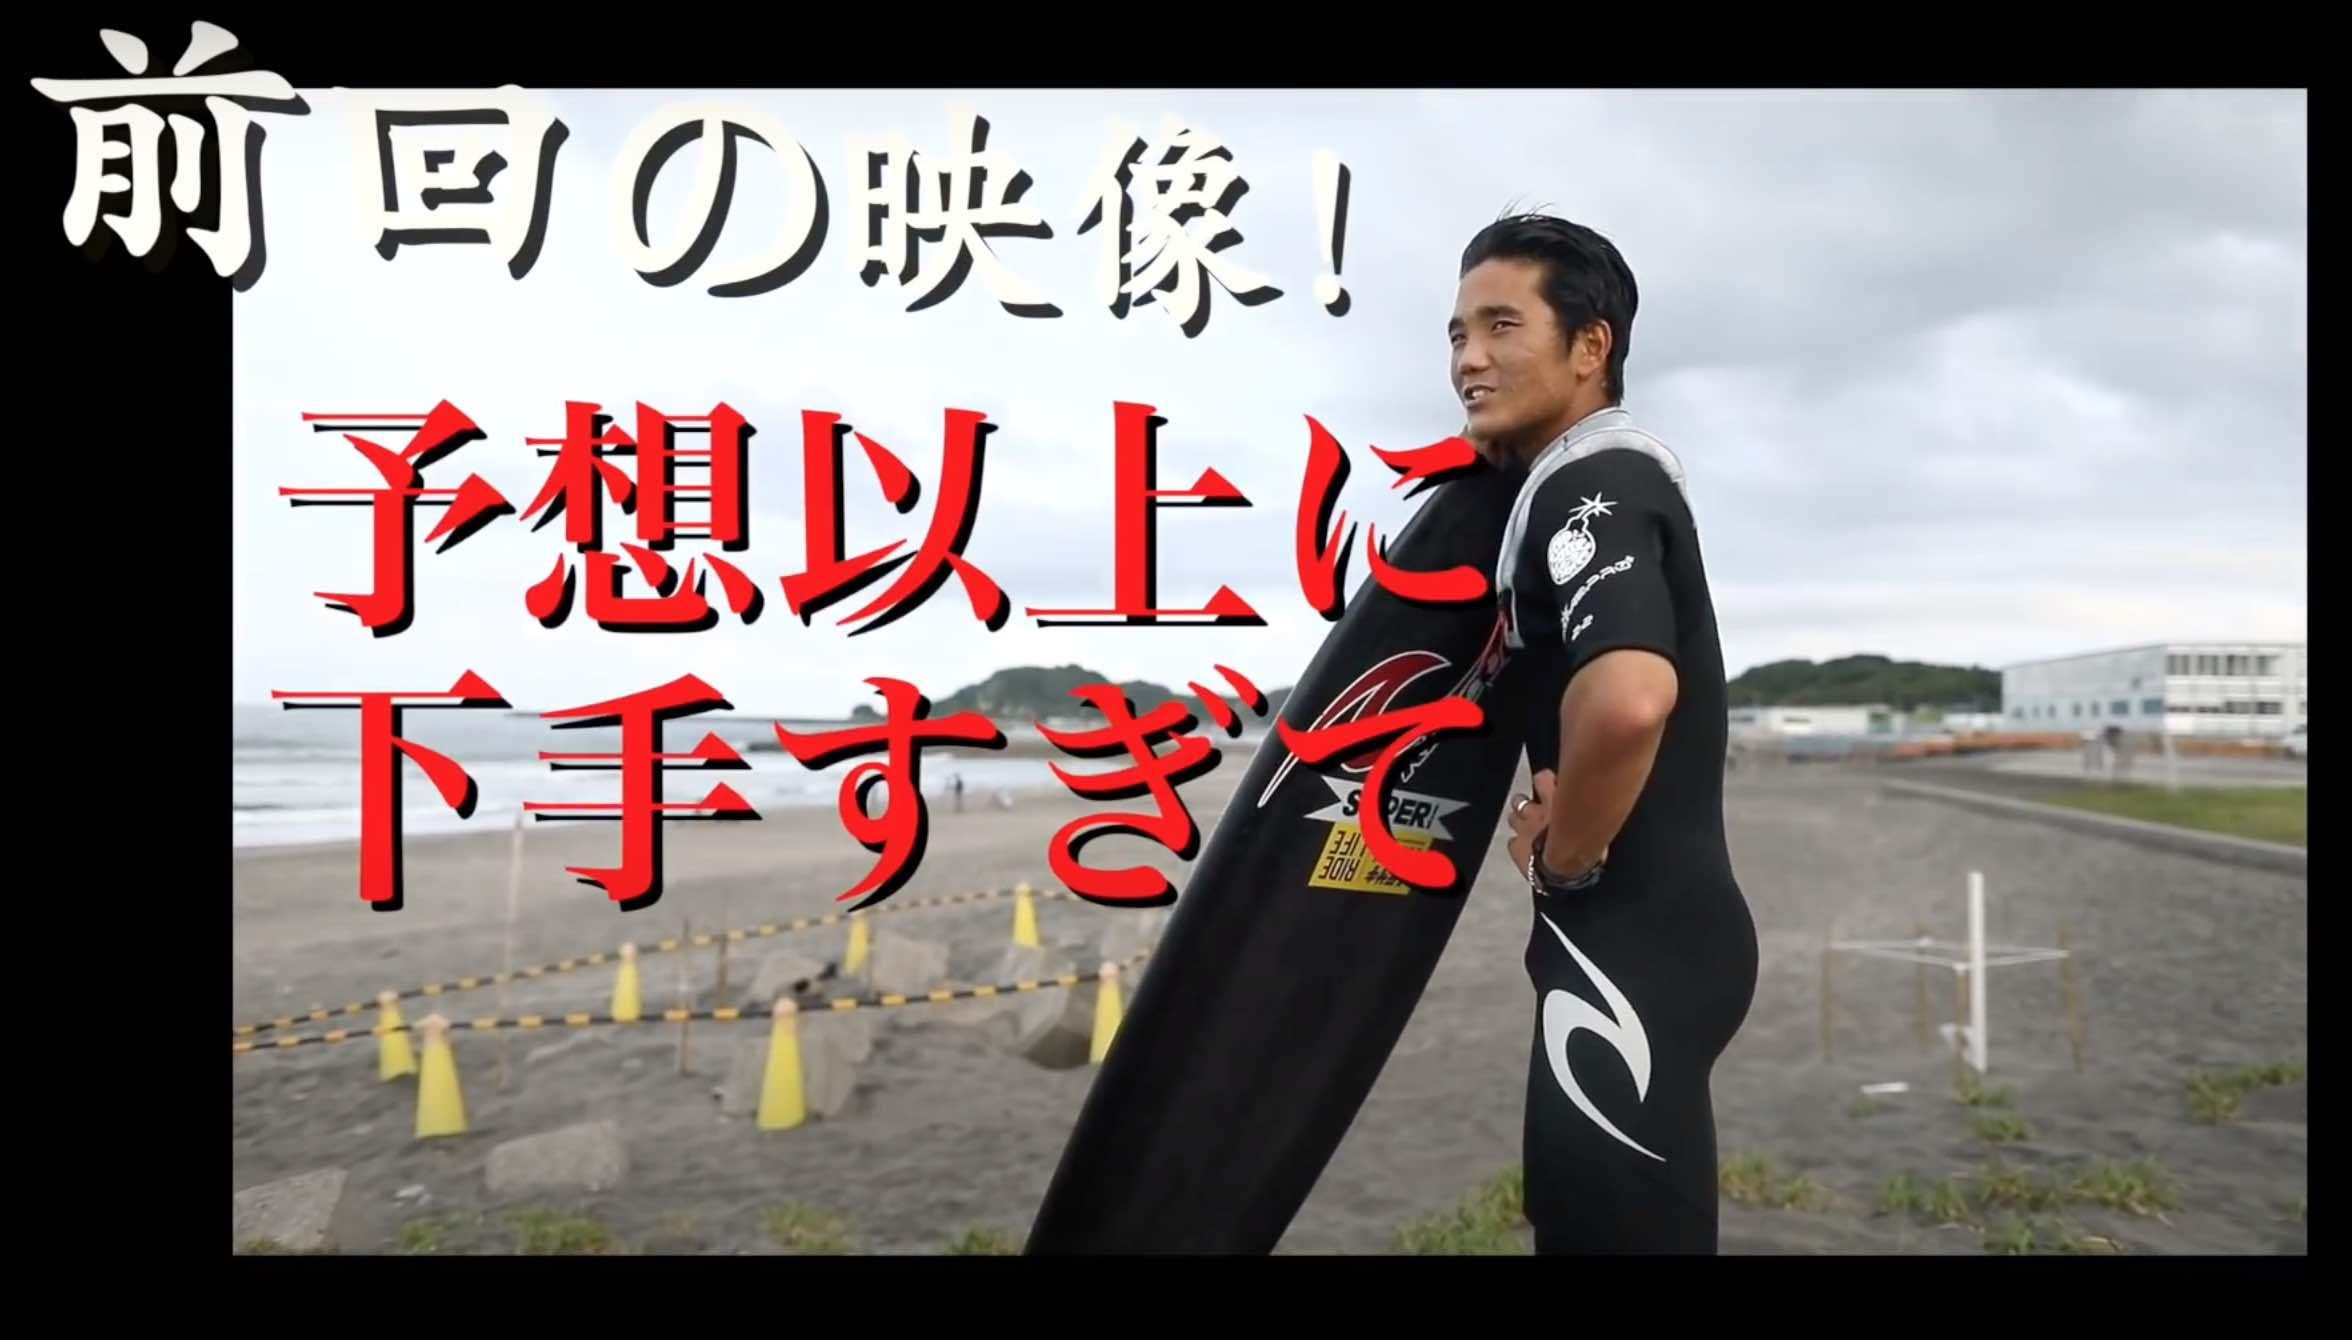 【How to】身体を使ったターンがポイント!? 実はツインフィッシュを上手く乗れなかった村田嵐が1日真剣に向き合い、乗りこなすコツやパフォーマンスボードとの違いを見出していく!!